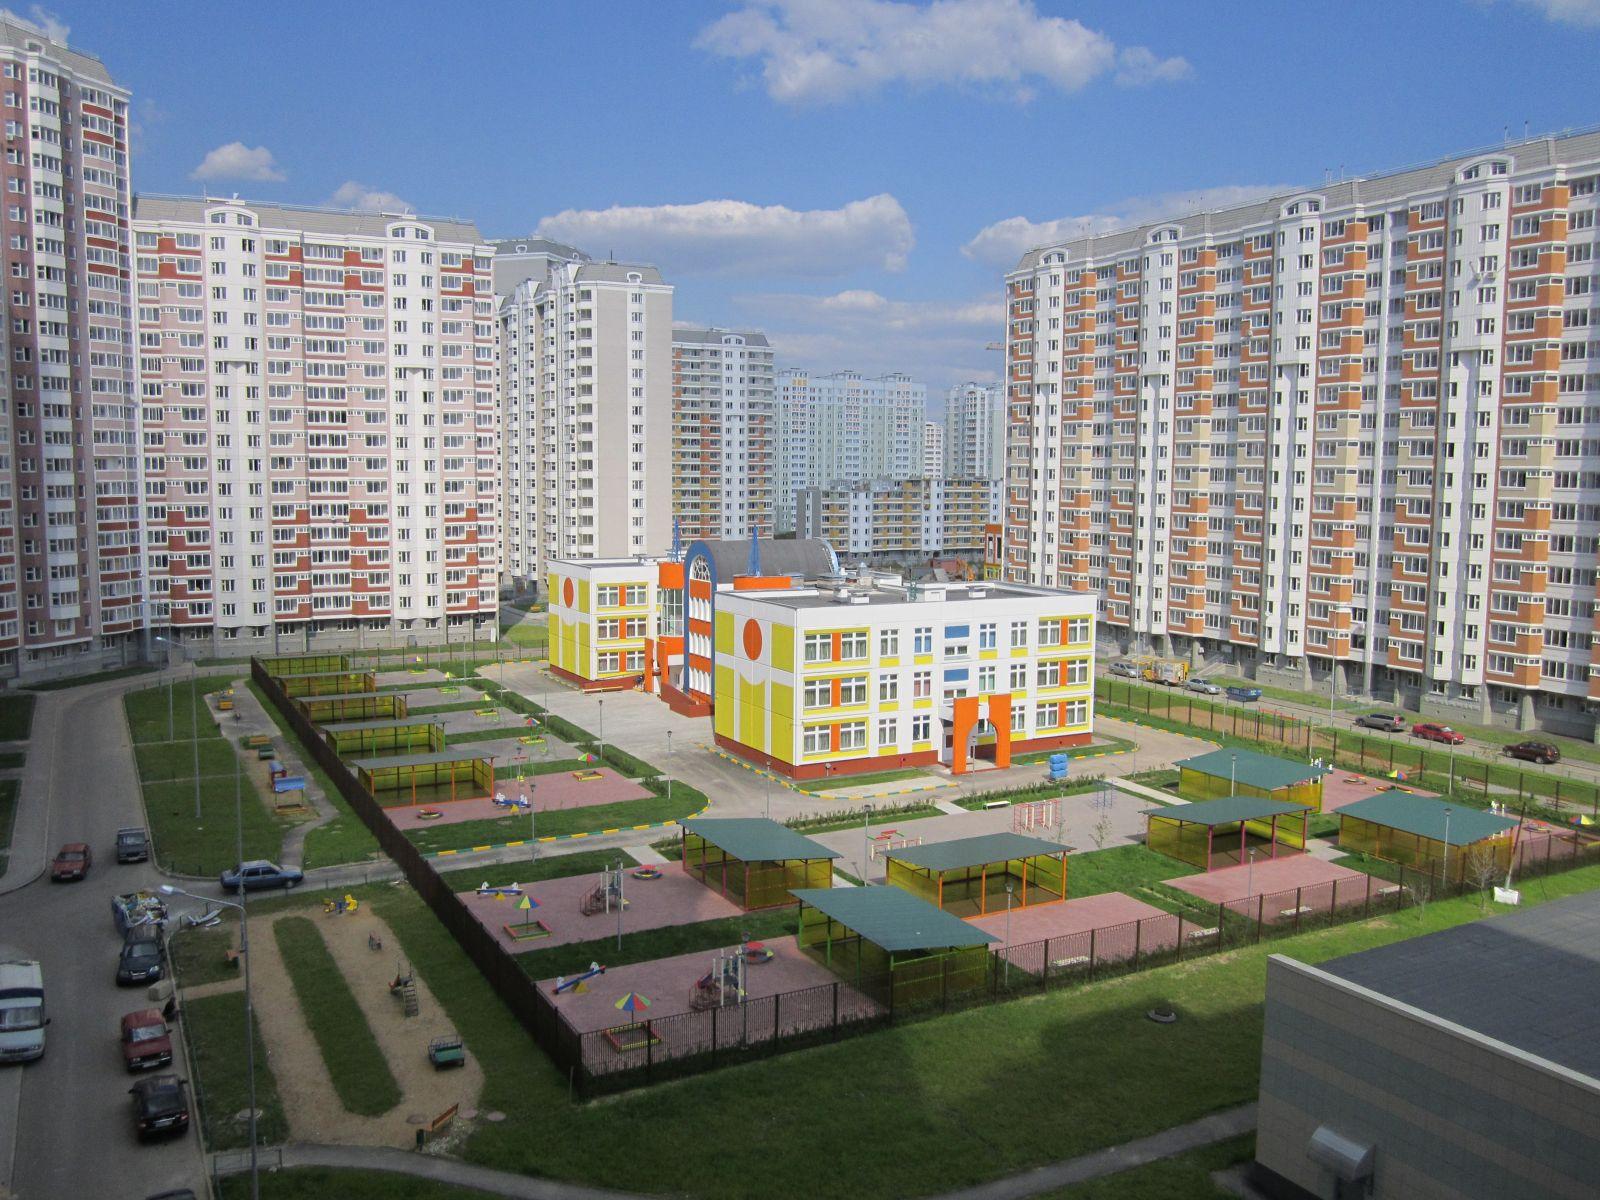 Более 300 школ и 170 детсадов: социальная застройка в Новой Москве идет вровень с жилой